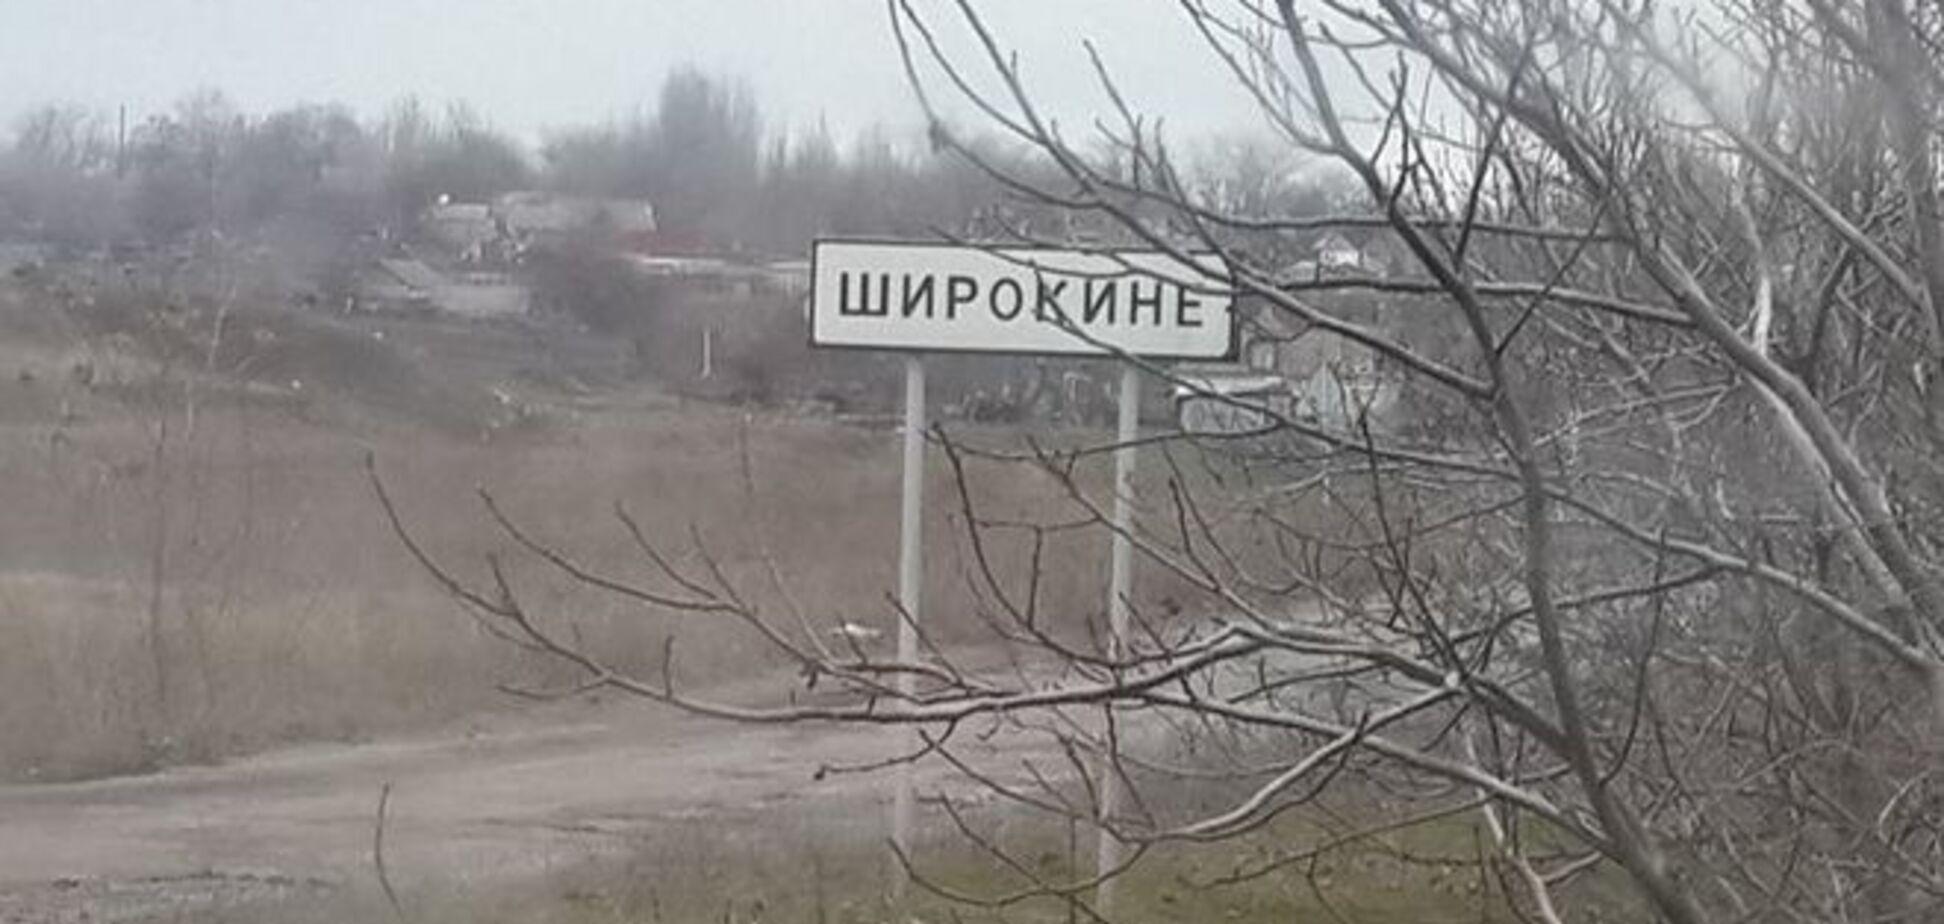 Бойовики обстріляли Широкіне з забороненої зброї